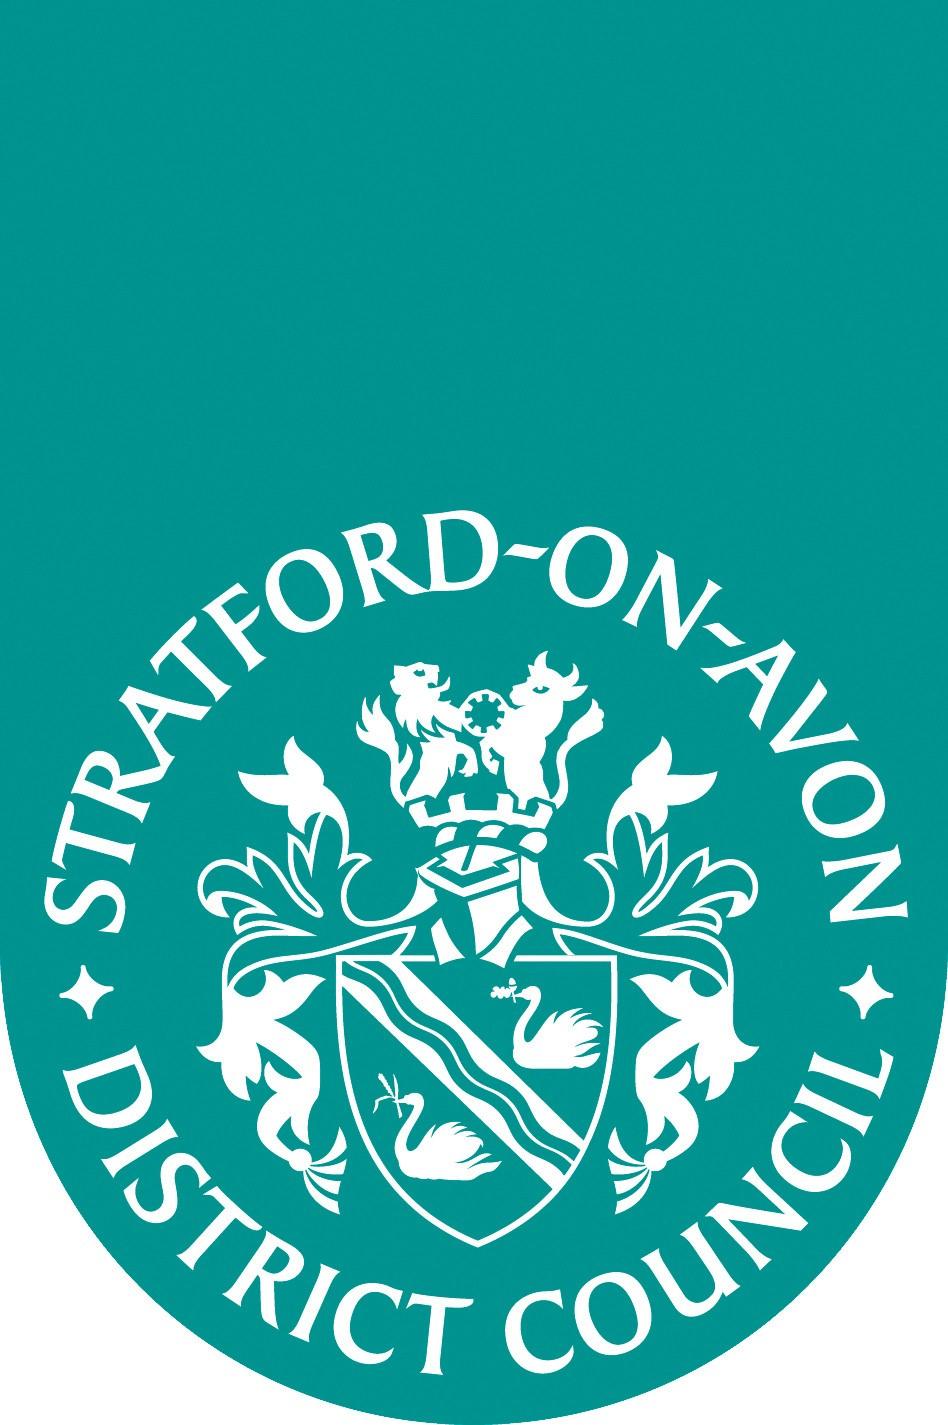 Shaping Stratforddc